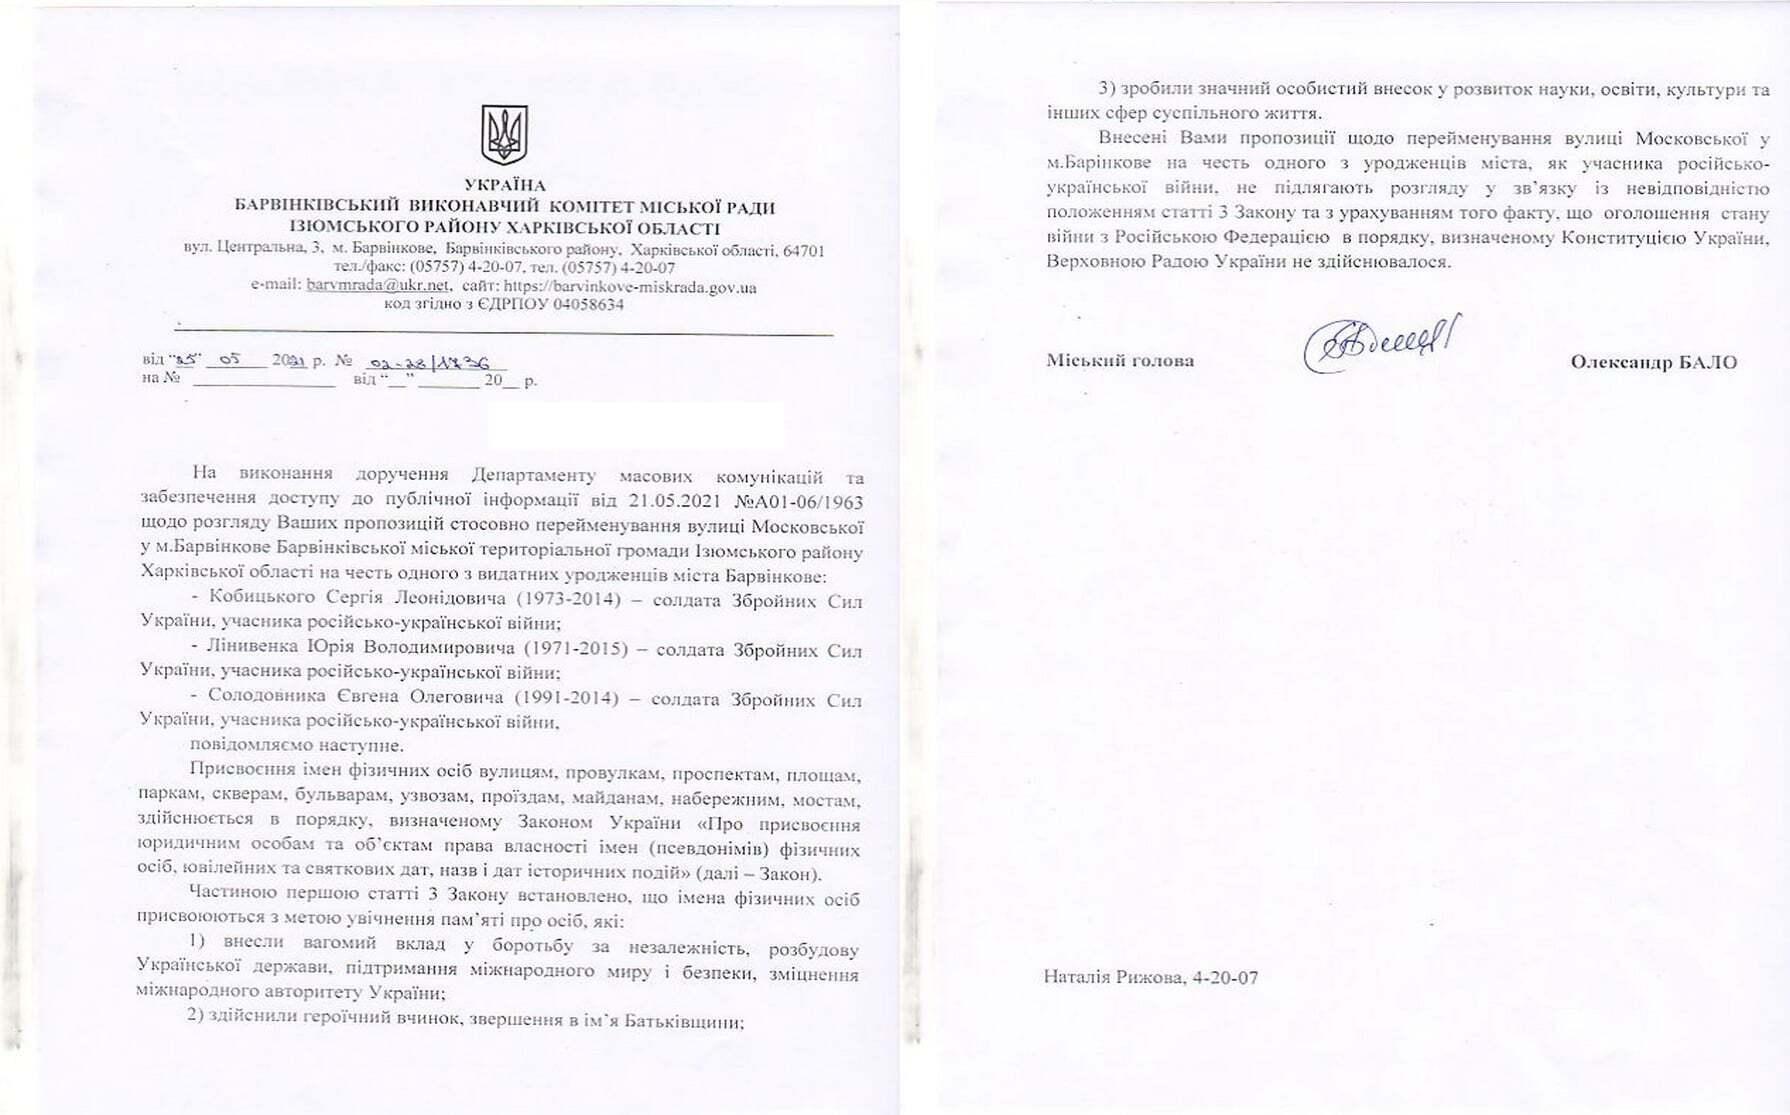 Копія документа